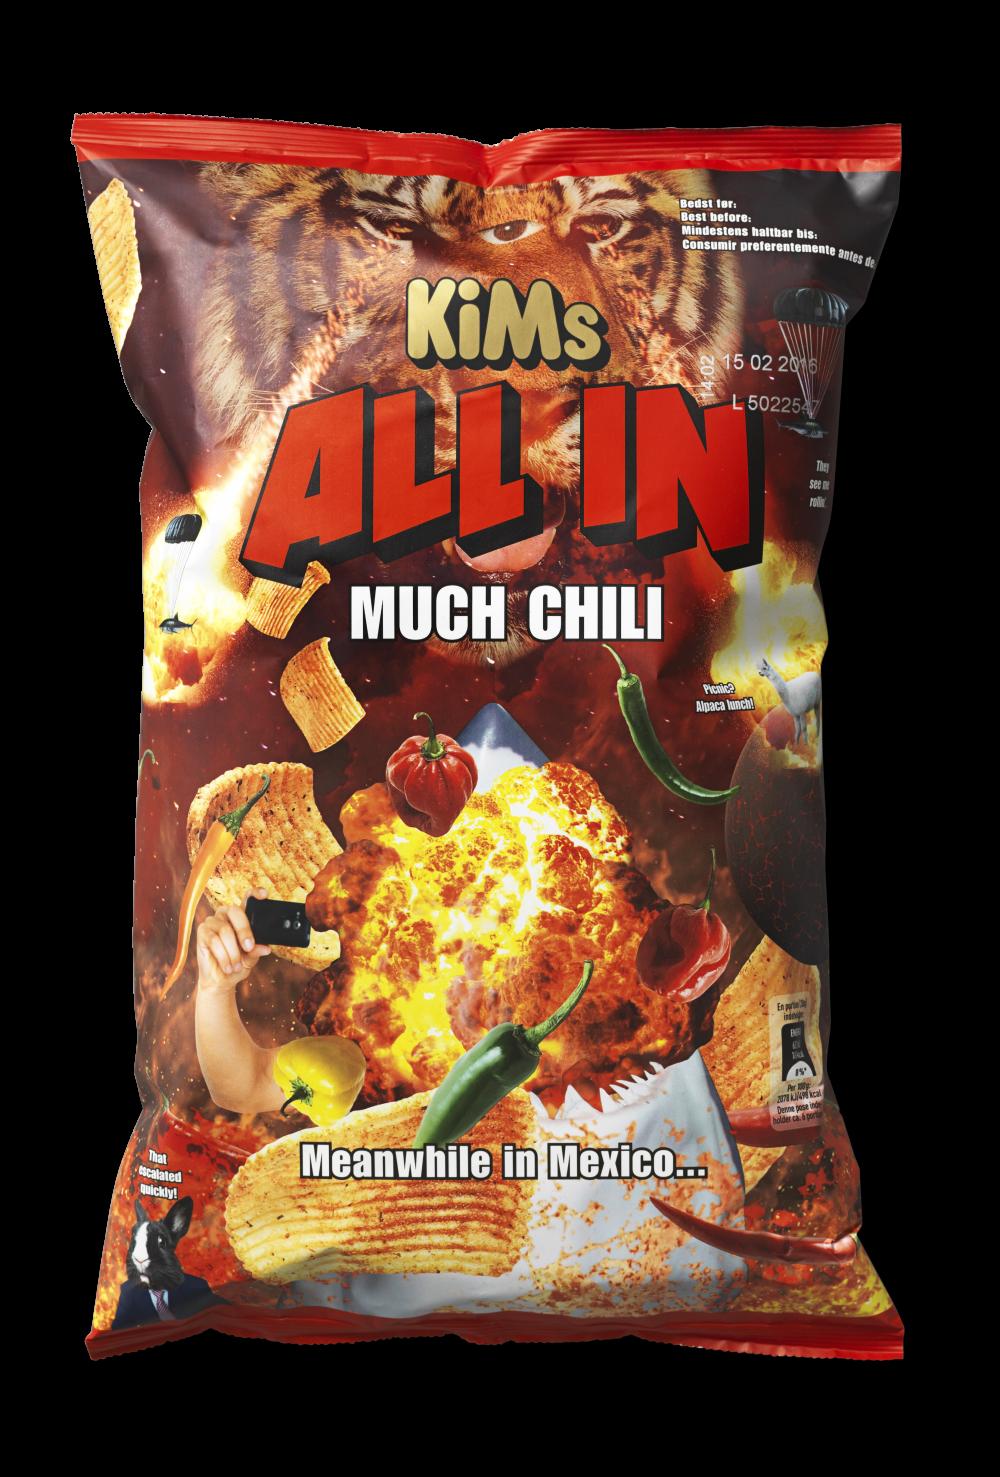 Much_Chili